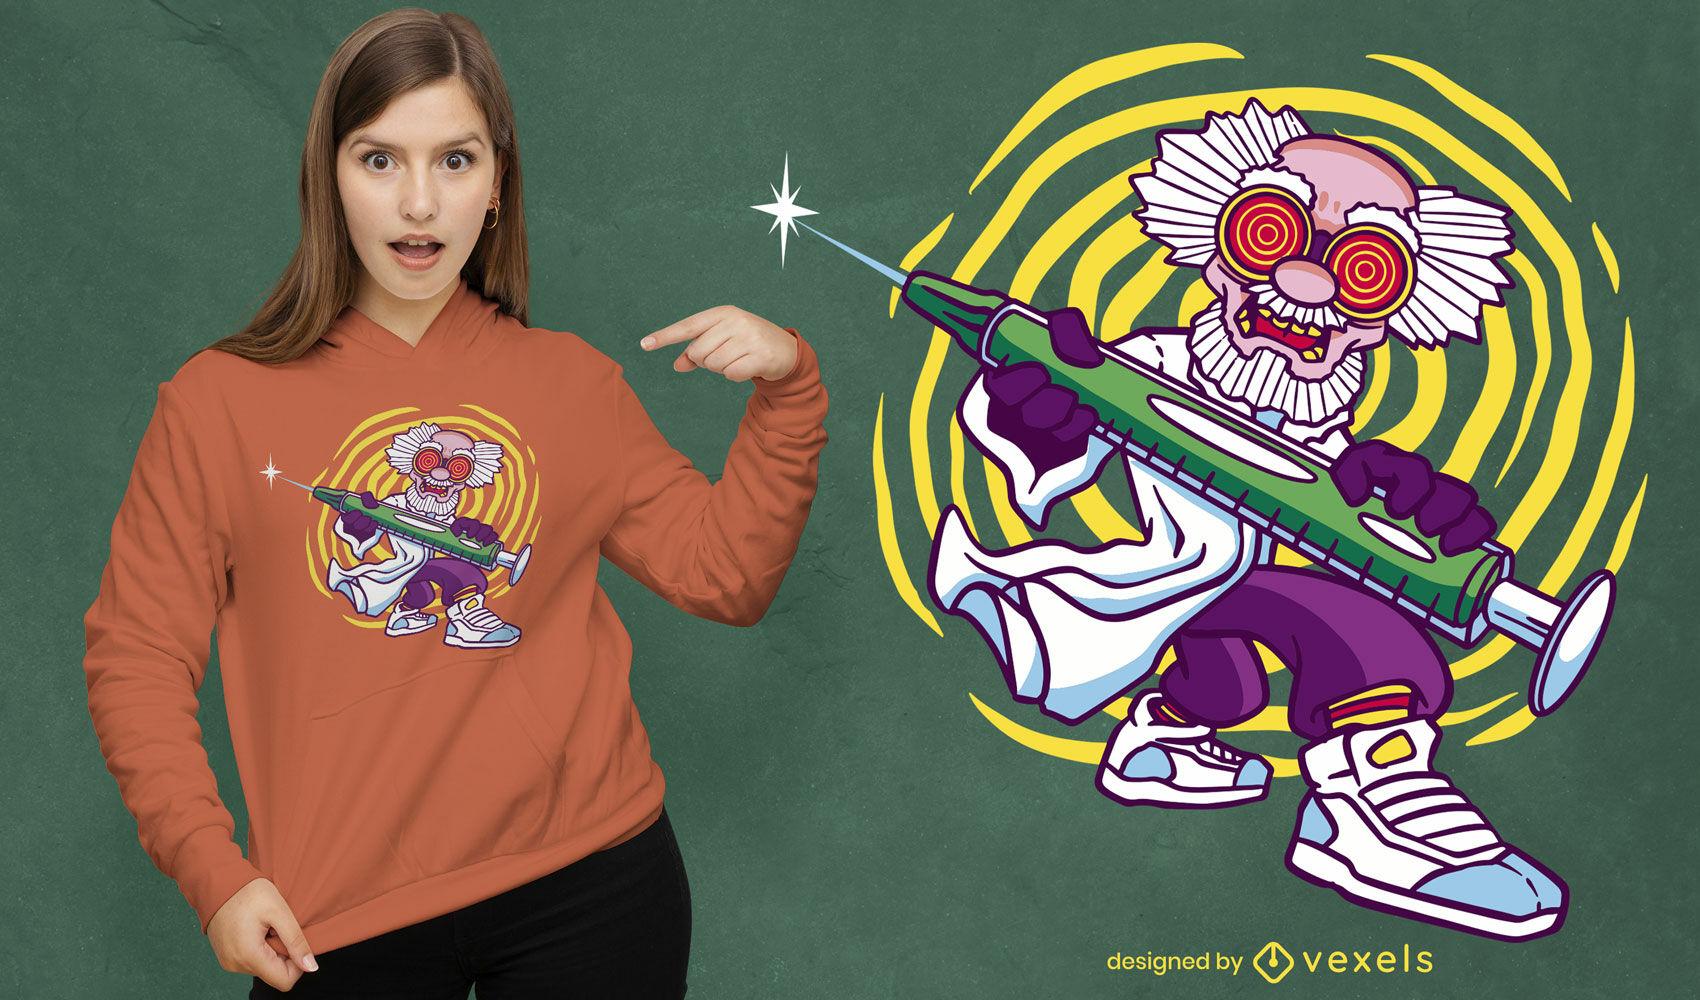 Genial diseño de camiseta de científico loco